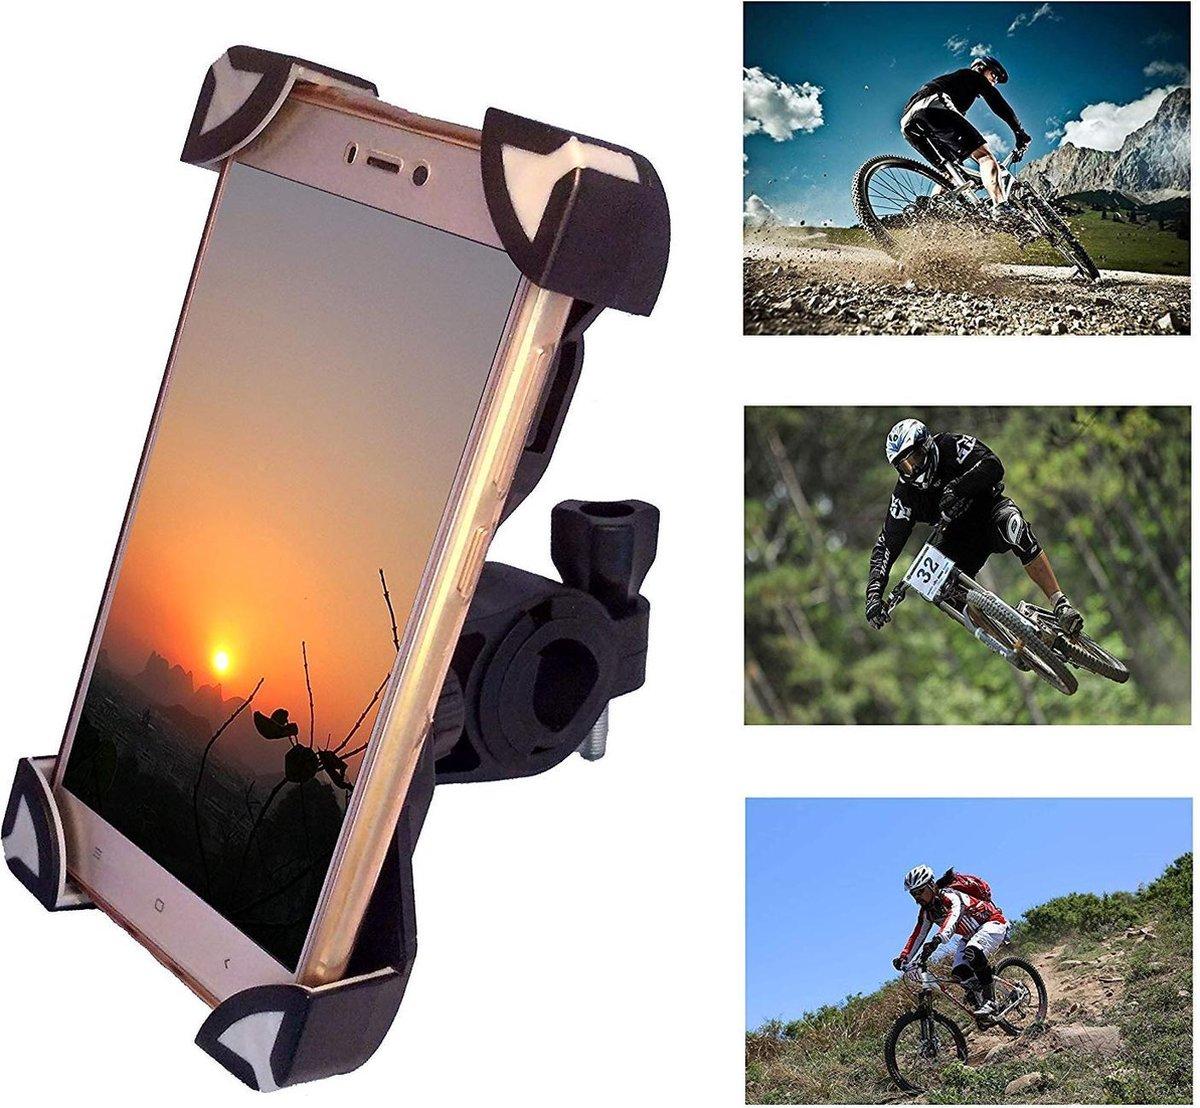 MTB Fiets Mobiele telefoonhouder Telefoonhouder Fietshouder Bike Mount voor racefiets Motorfiets Ebike Elektrische fietsscooter Racefietsen Kinderwage